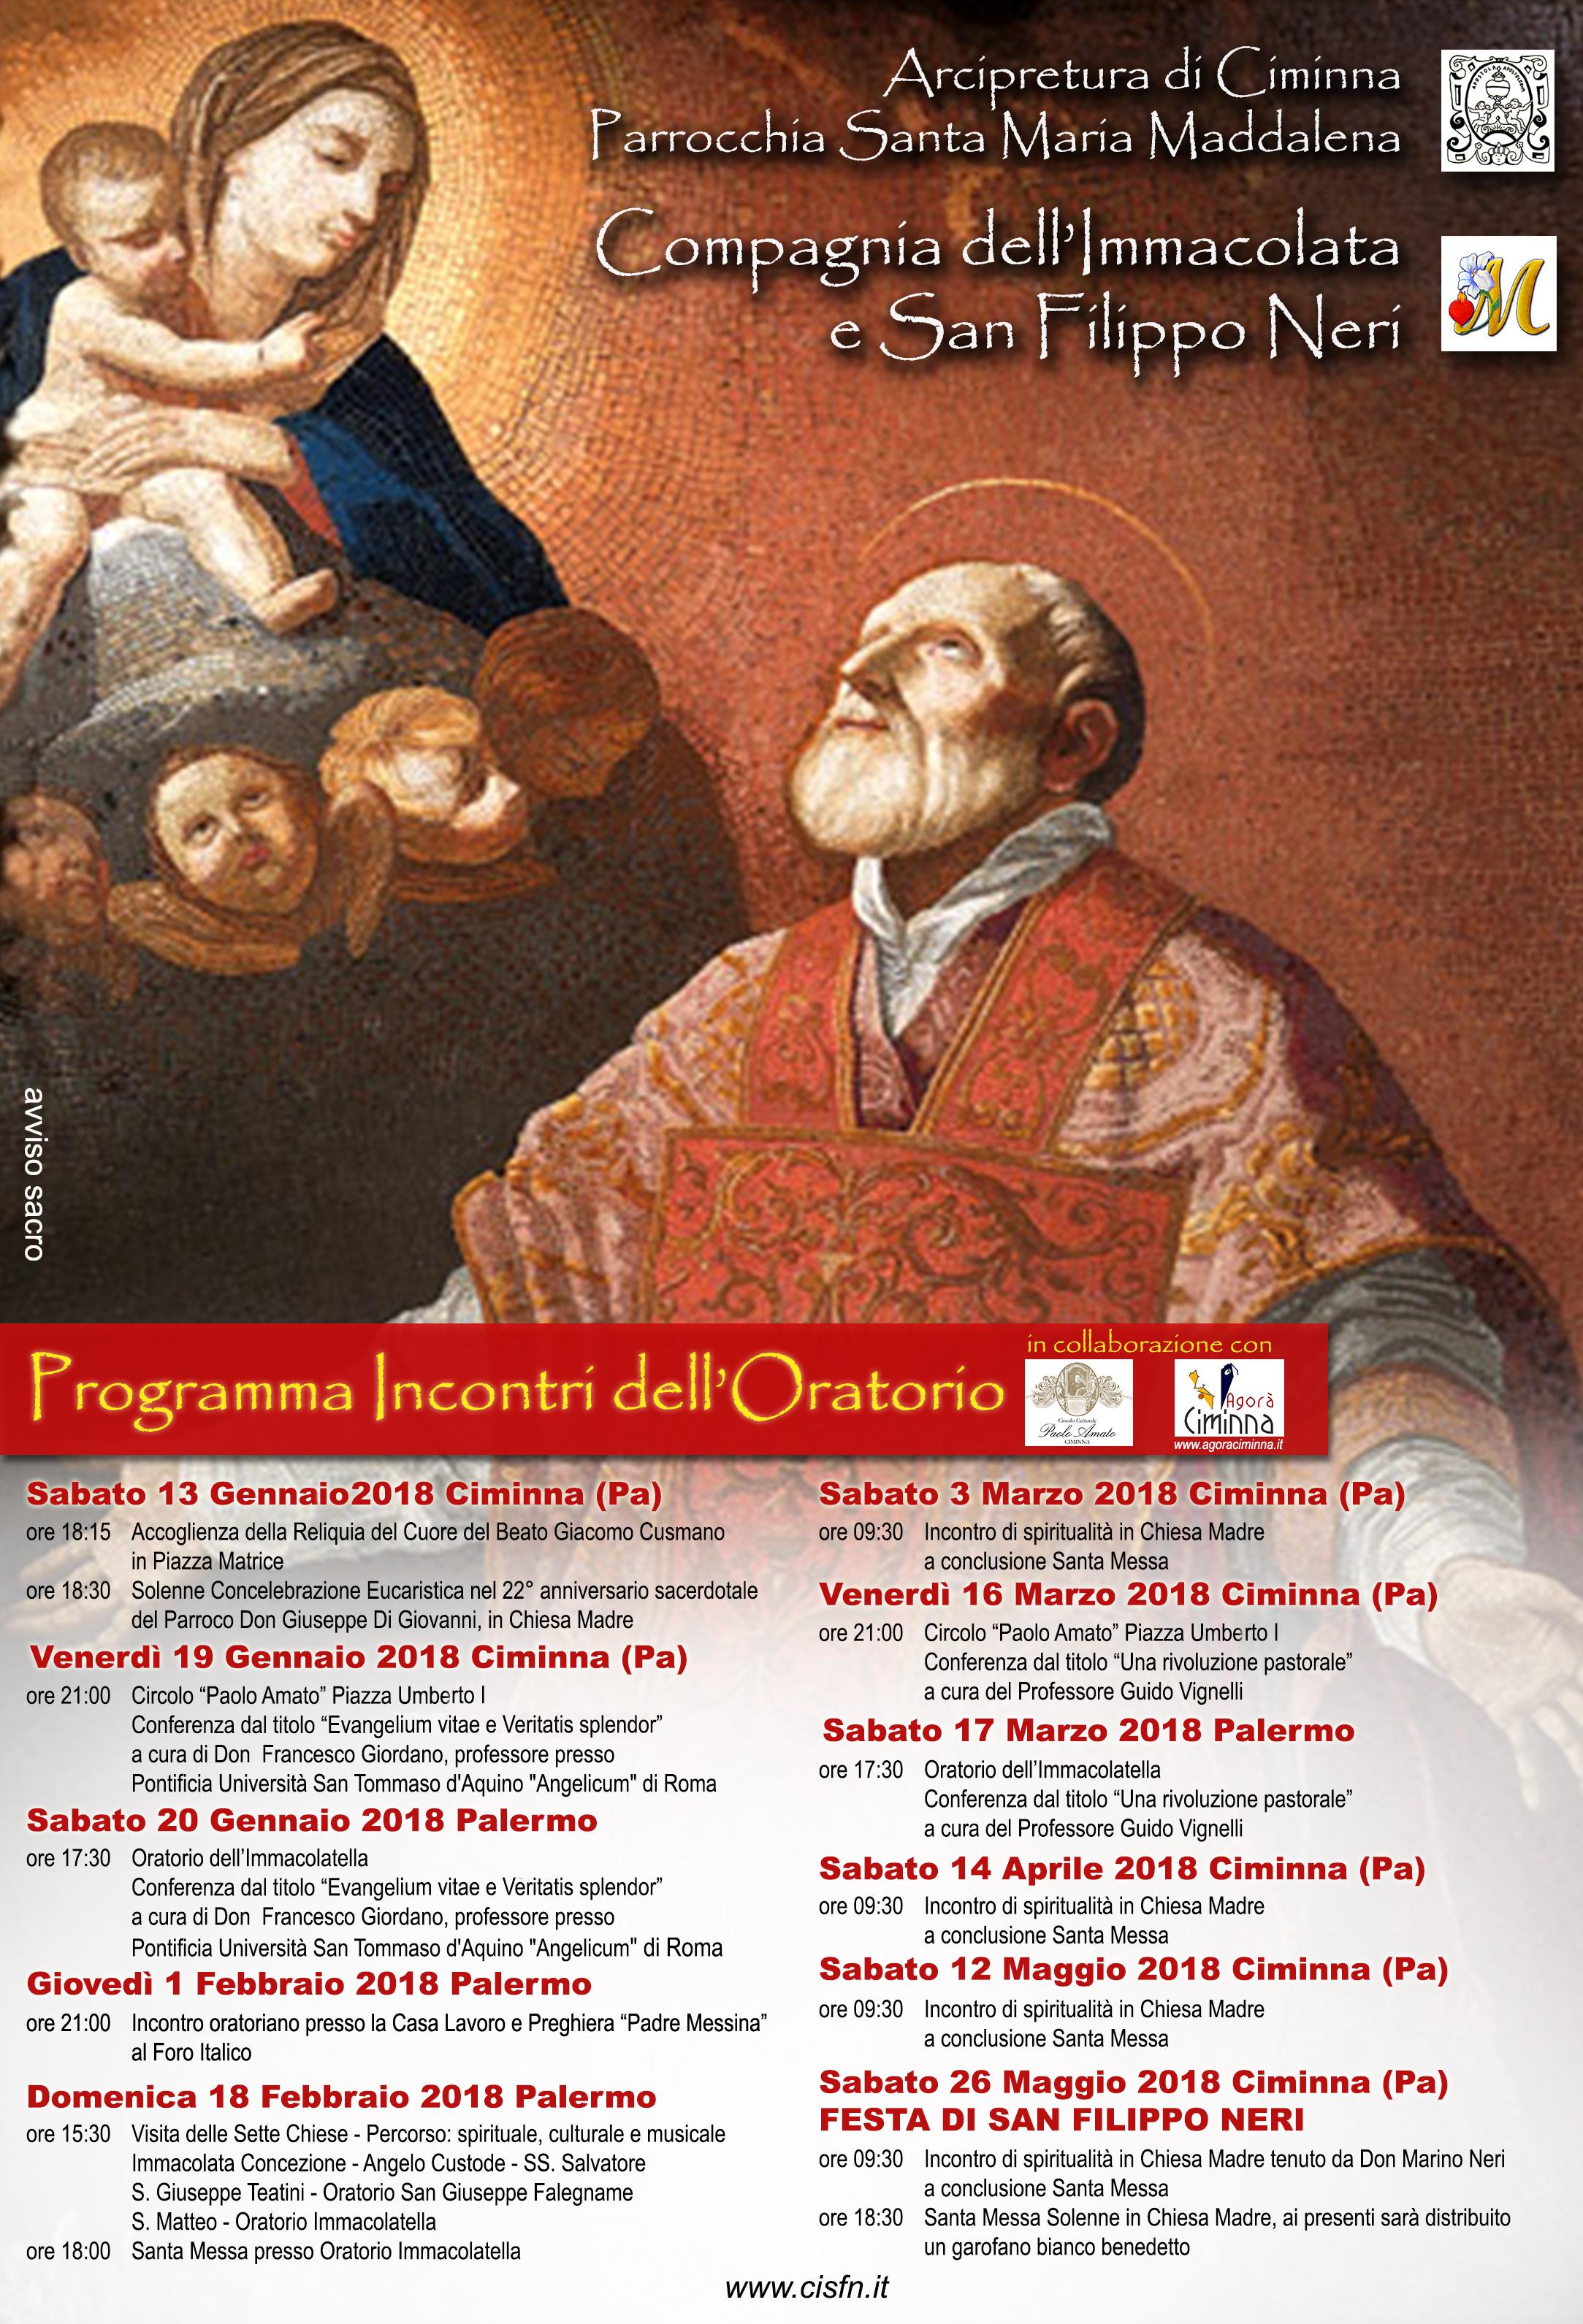 Programma Incontri dell'Oratorio